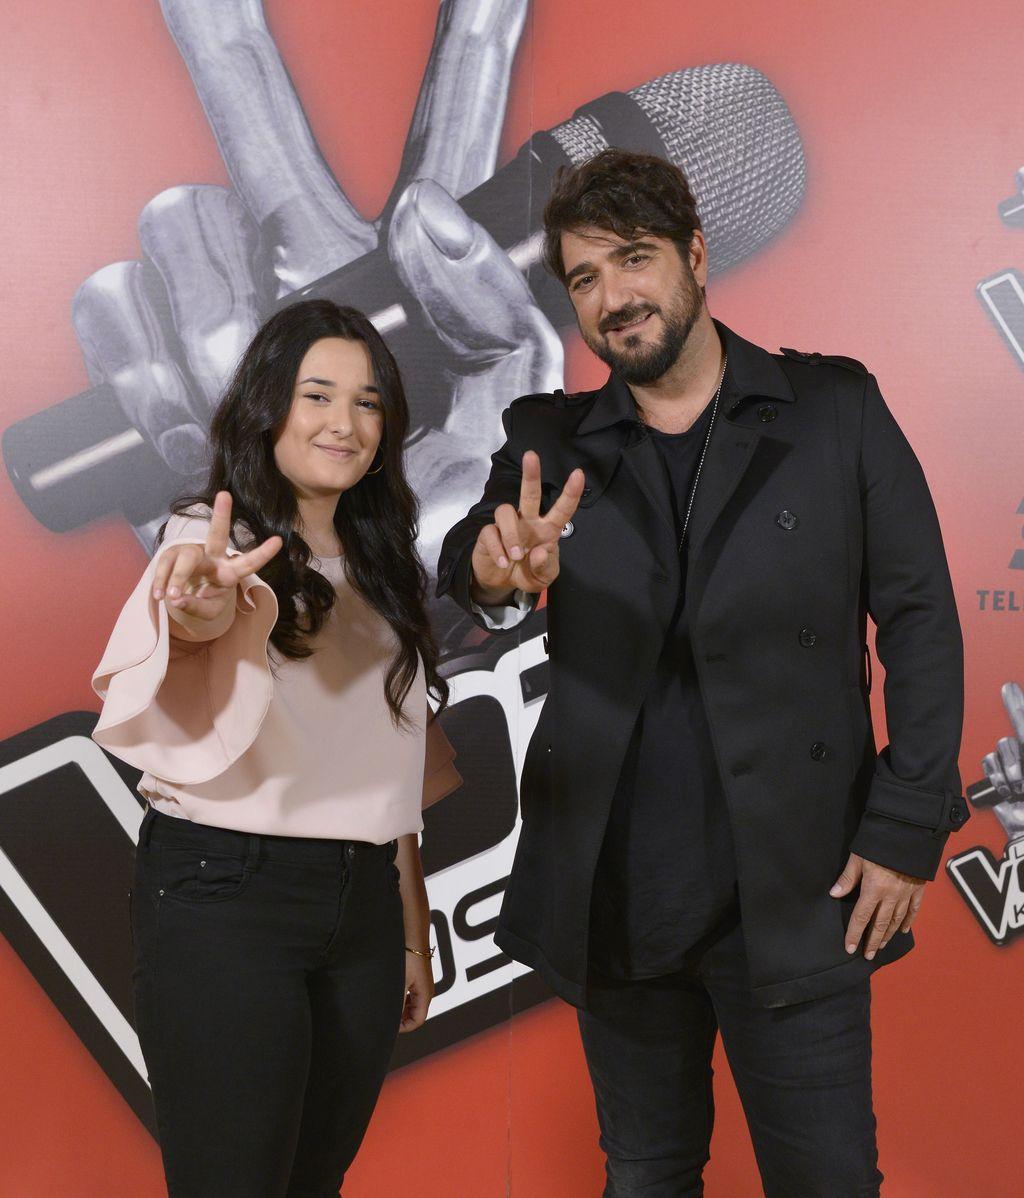 Antonio Orozco con Rocío Aguilar, ganadora de 'La voz kids 3'